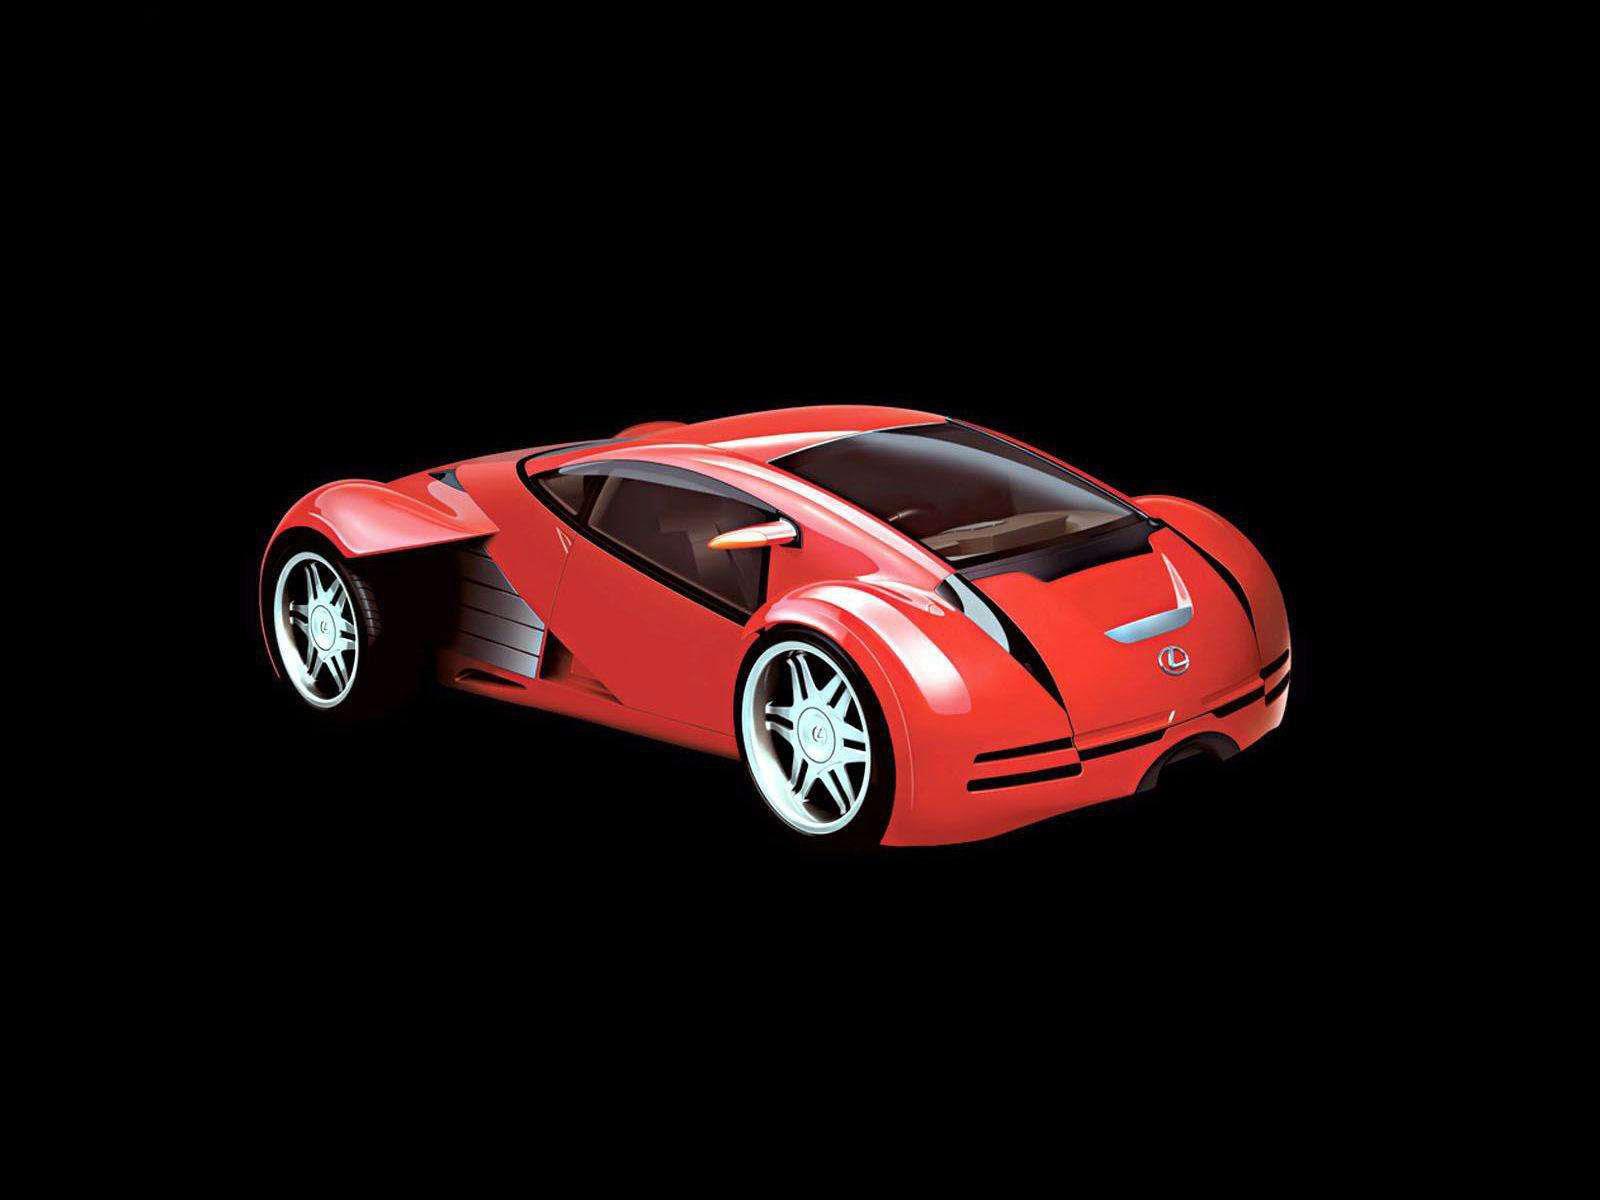 Alldata 10 Import Cars 03 1st Quarter 2009 (1 dvd)